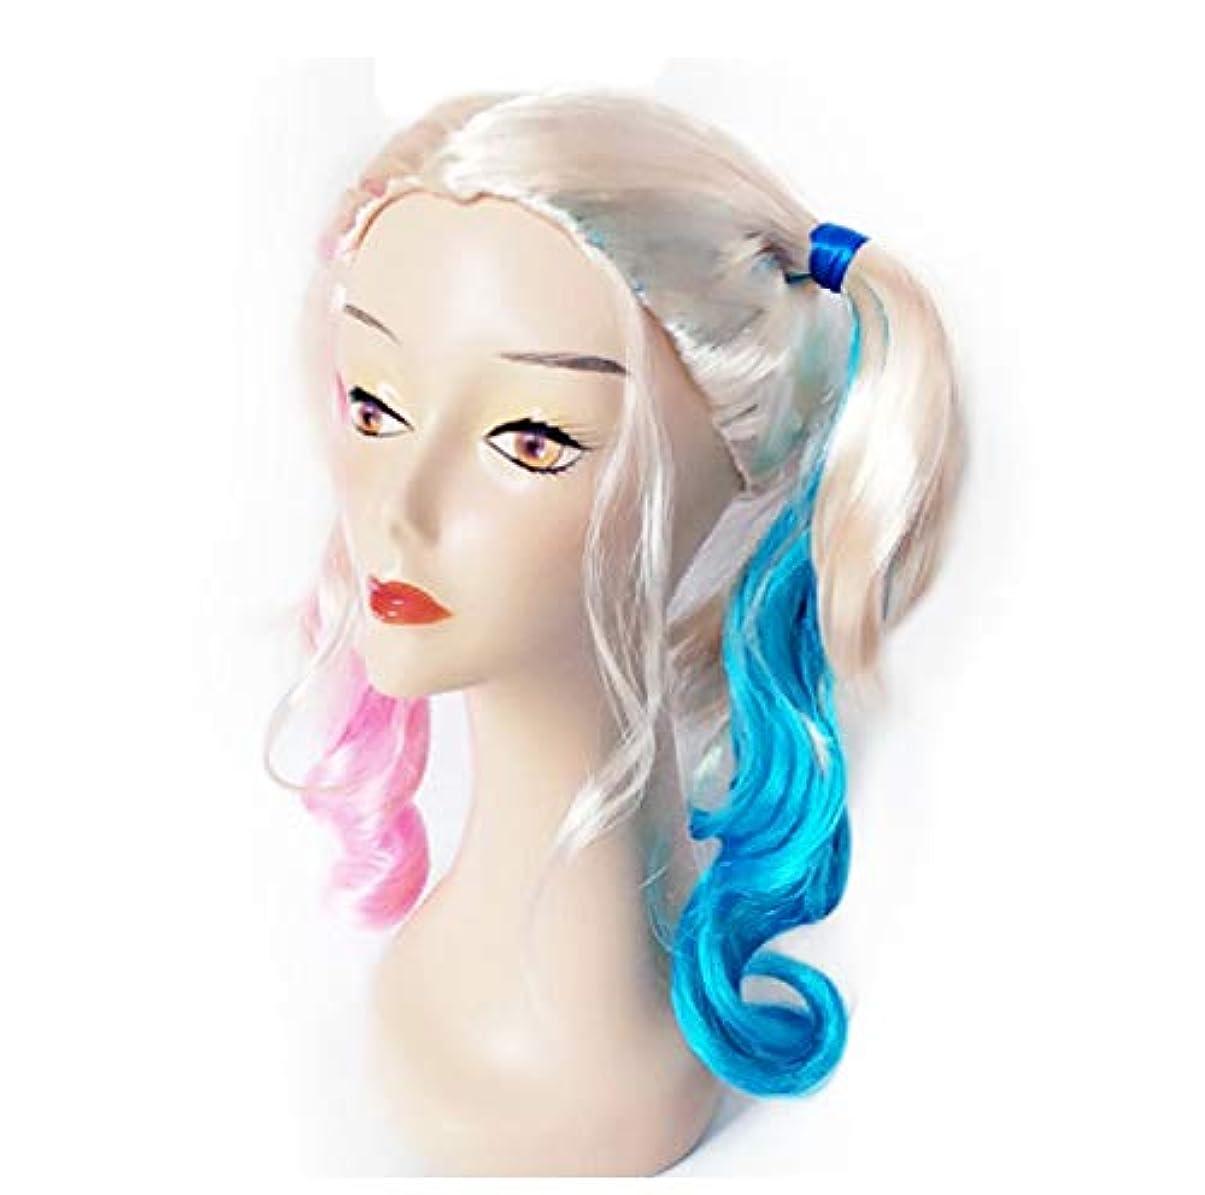 推進州西女性ピエロウィッグフォームサーカスコミック鼻マスクパーティー用品コスプレ衣装マジックドレスパーティー用品ハロウィントリックパーティーの好意